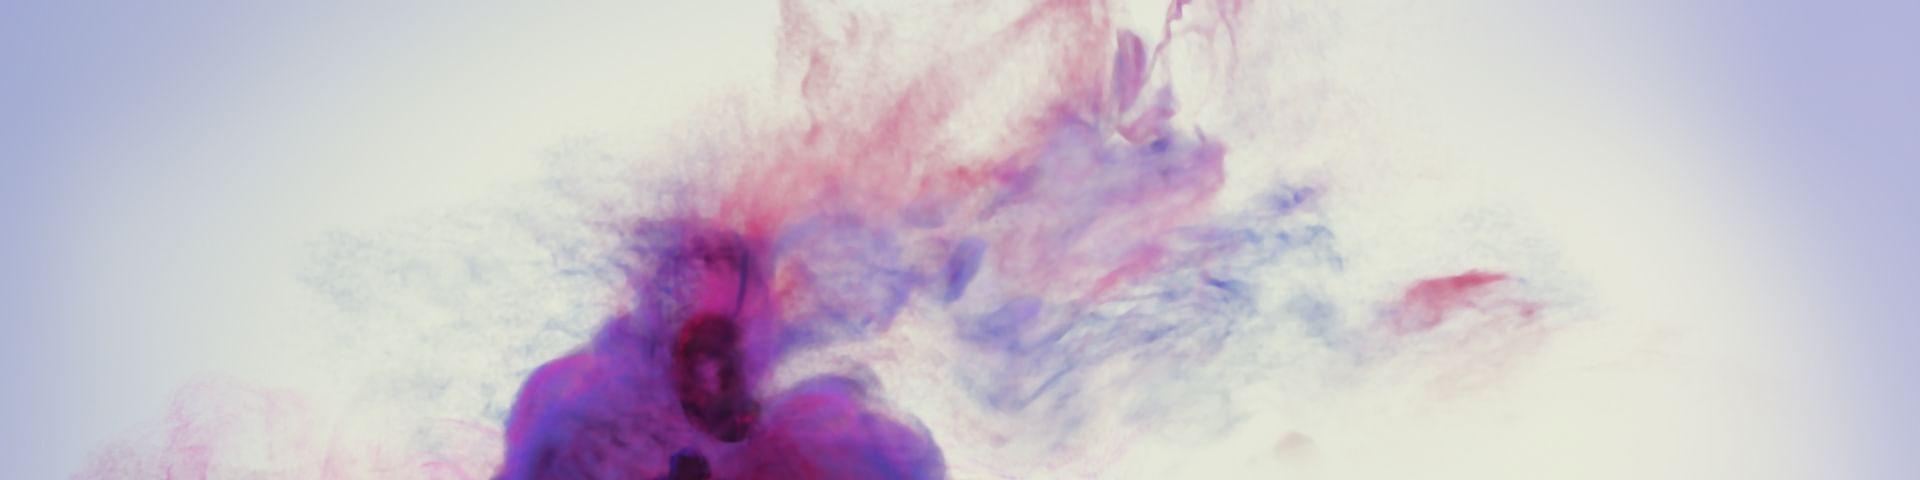 360° Geo: Leche de camella, tesoro de Kazajistán